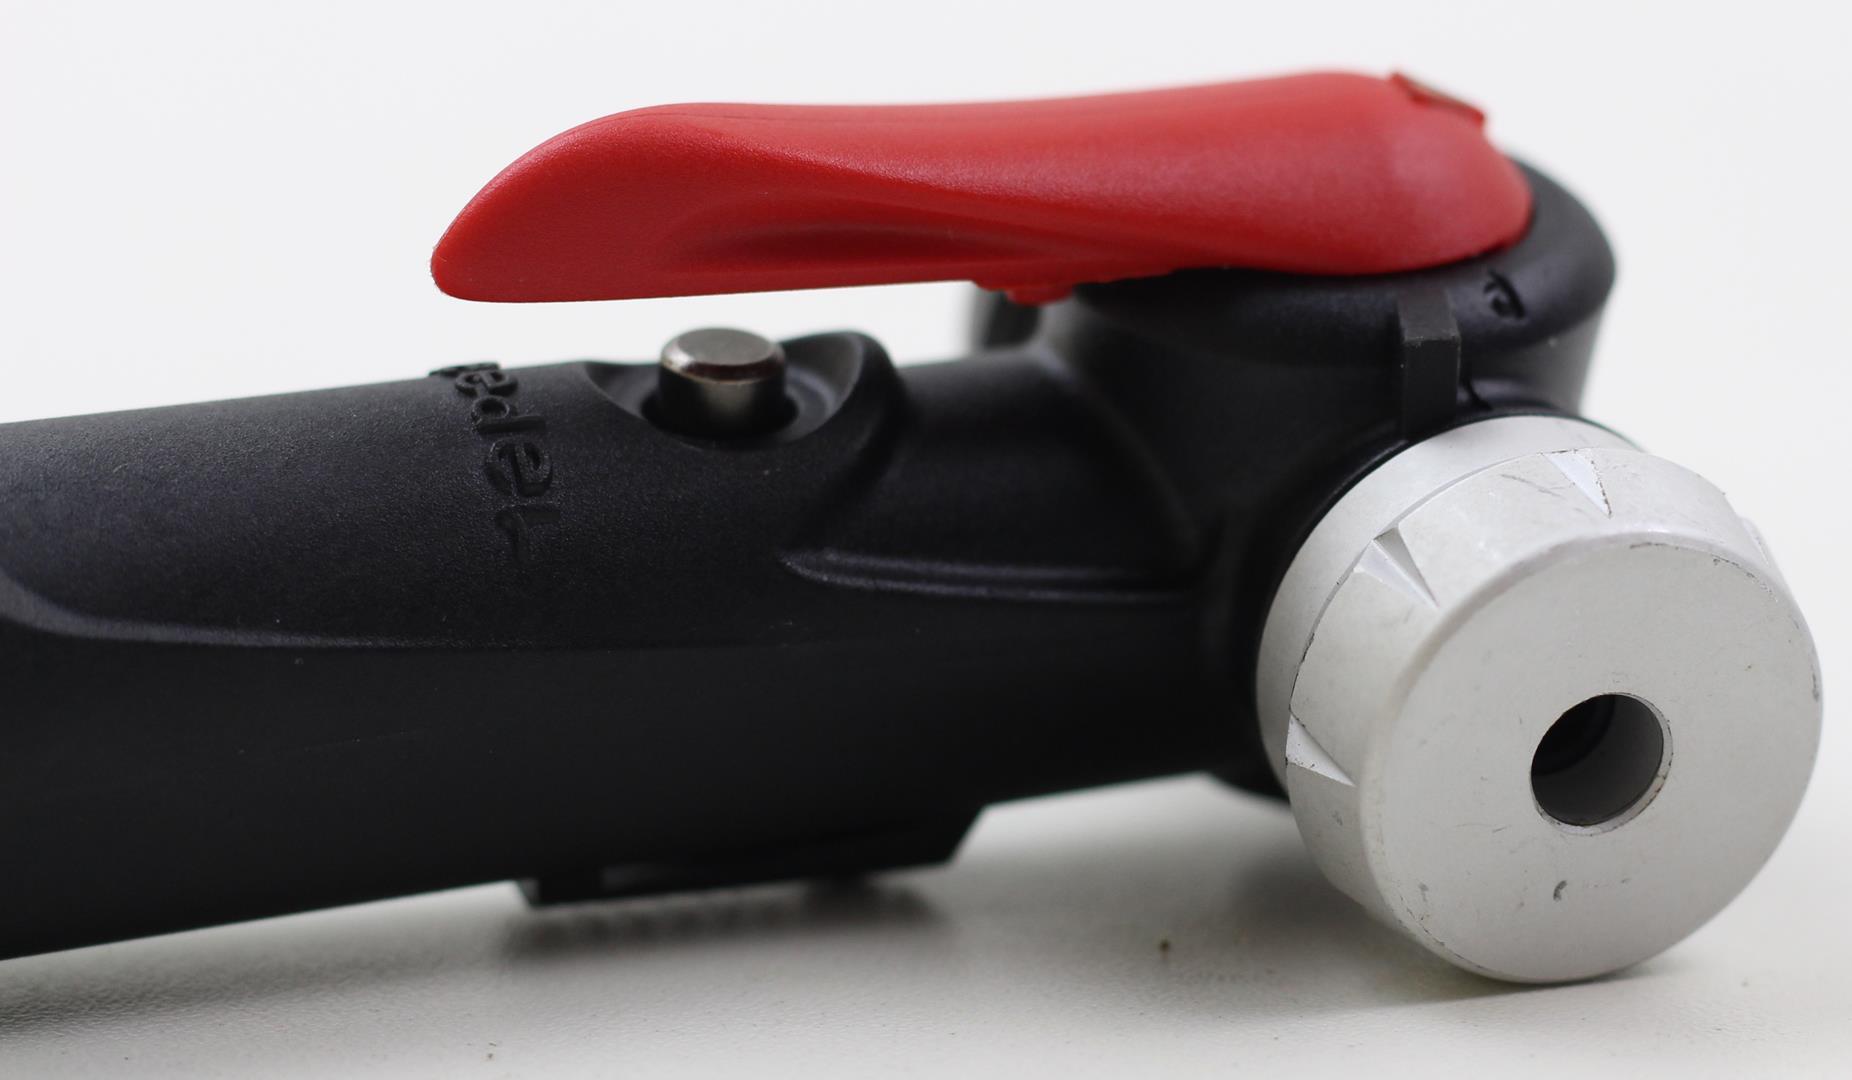 Válvula de Reposição para Bombas de Pé Airace com Bico Fino Presta e Grosso Schrader